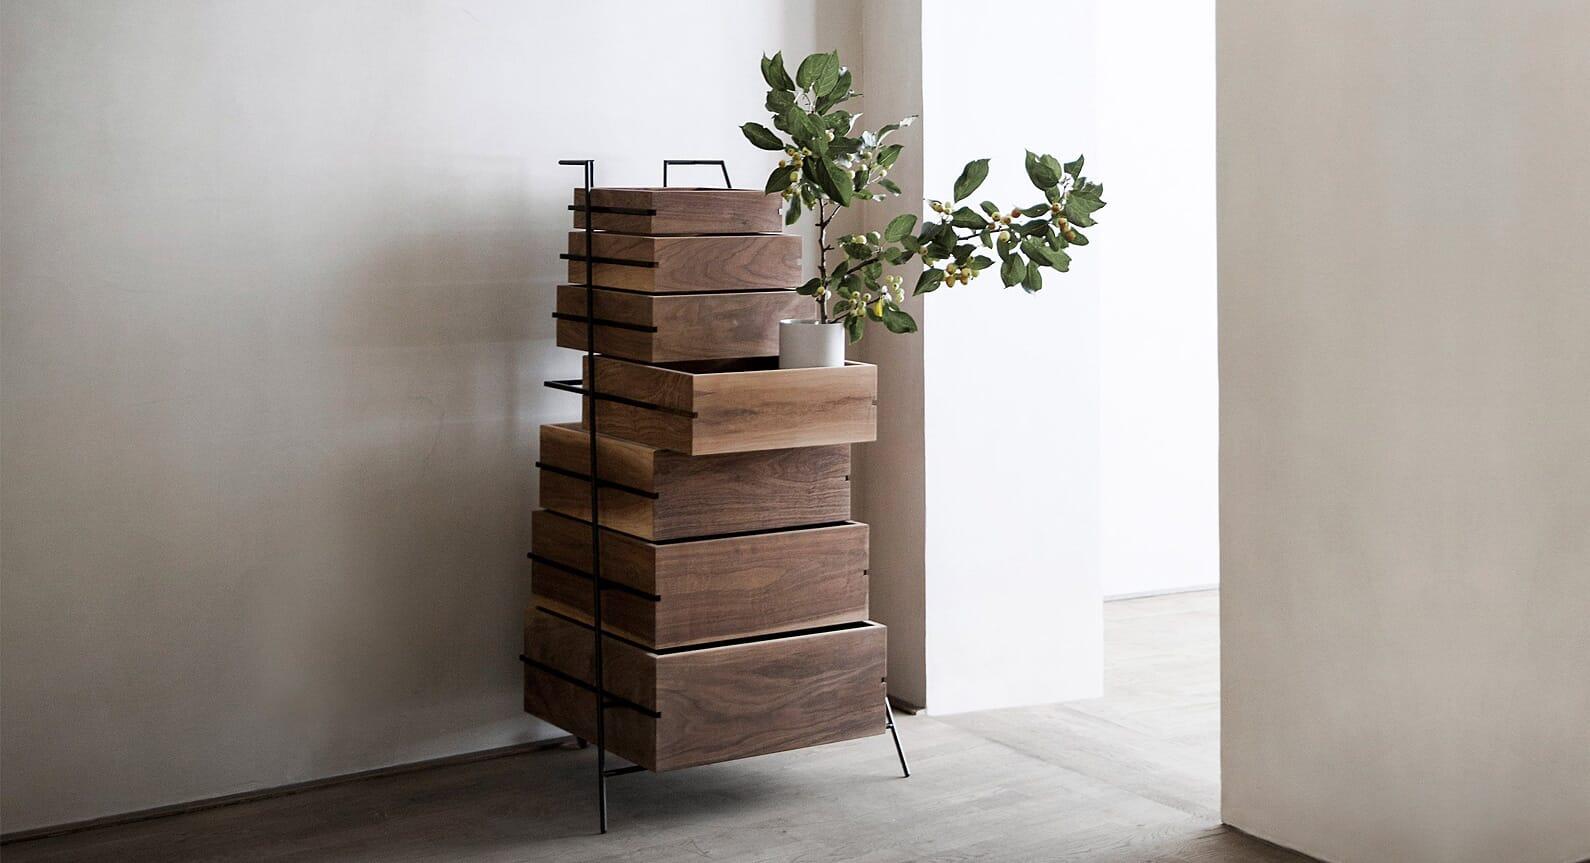 Introducing Frama: The Studio Reinventing Danish Design